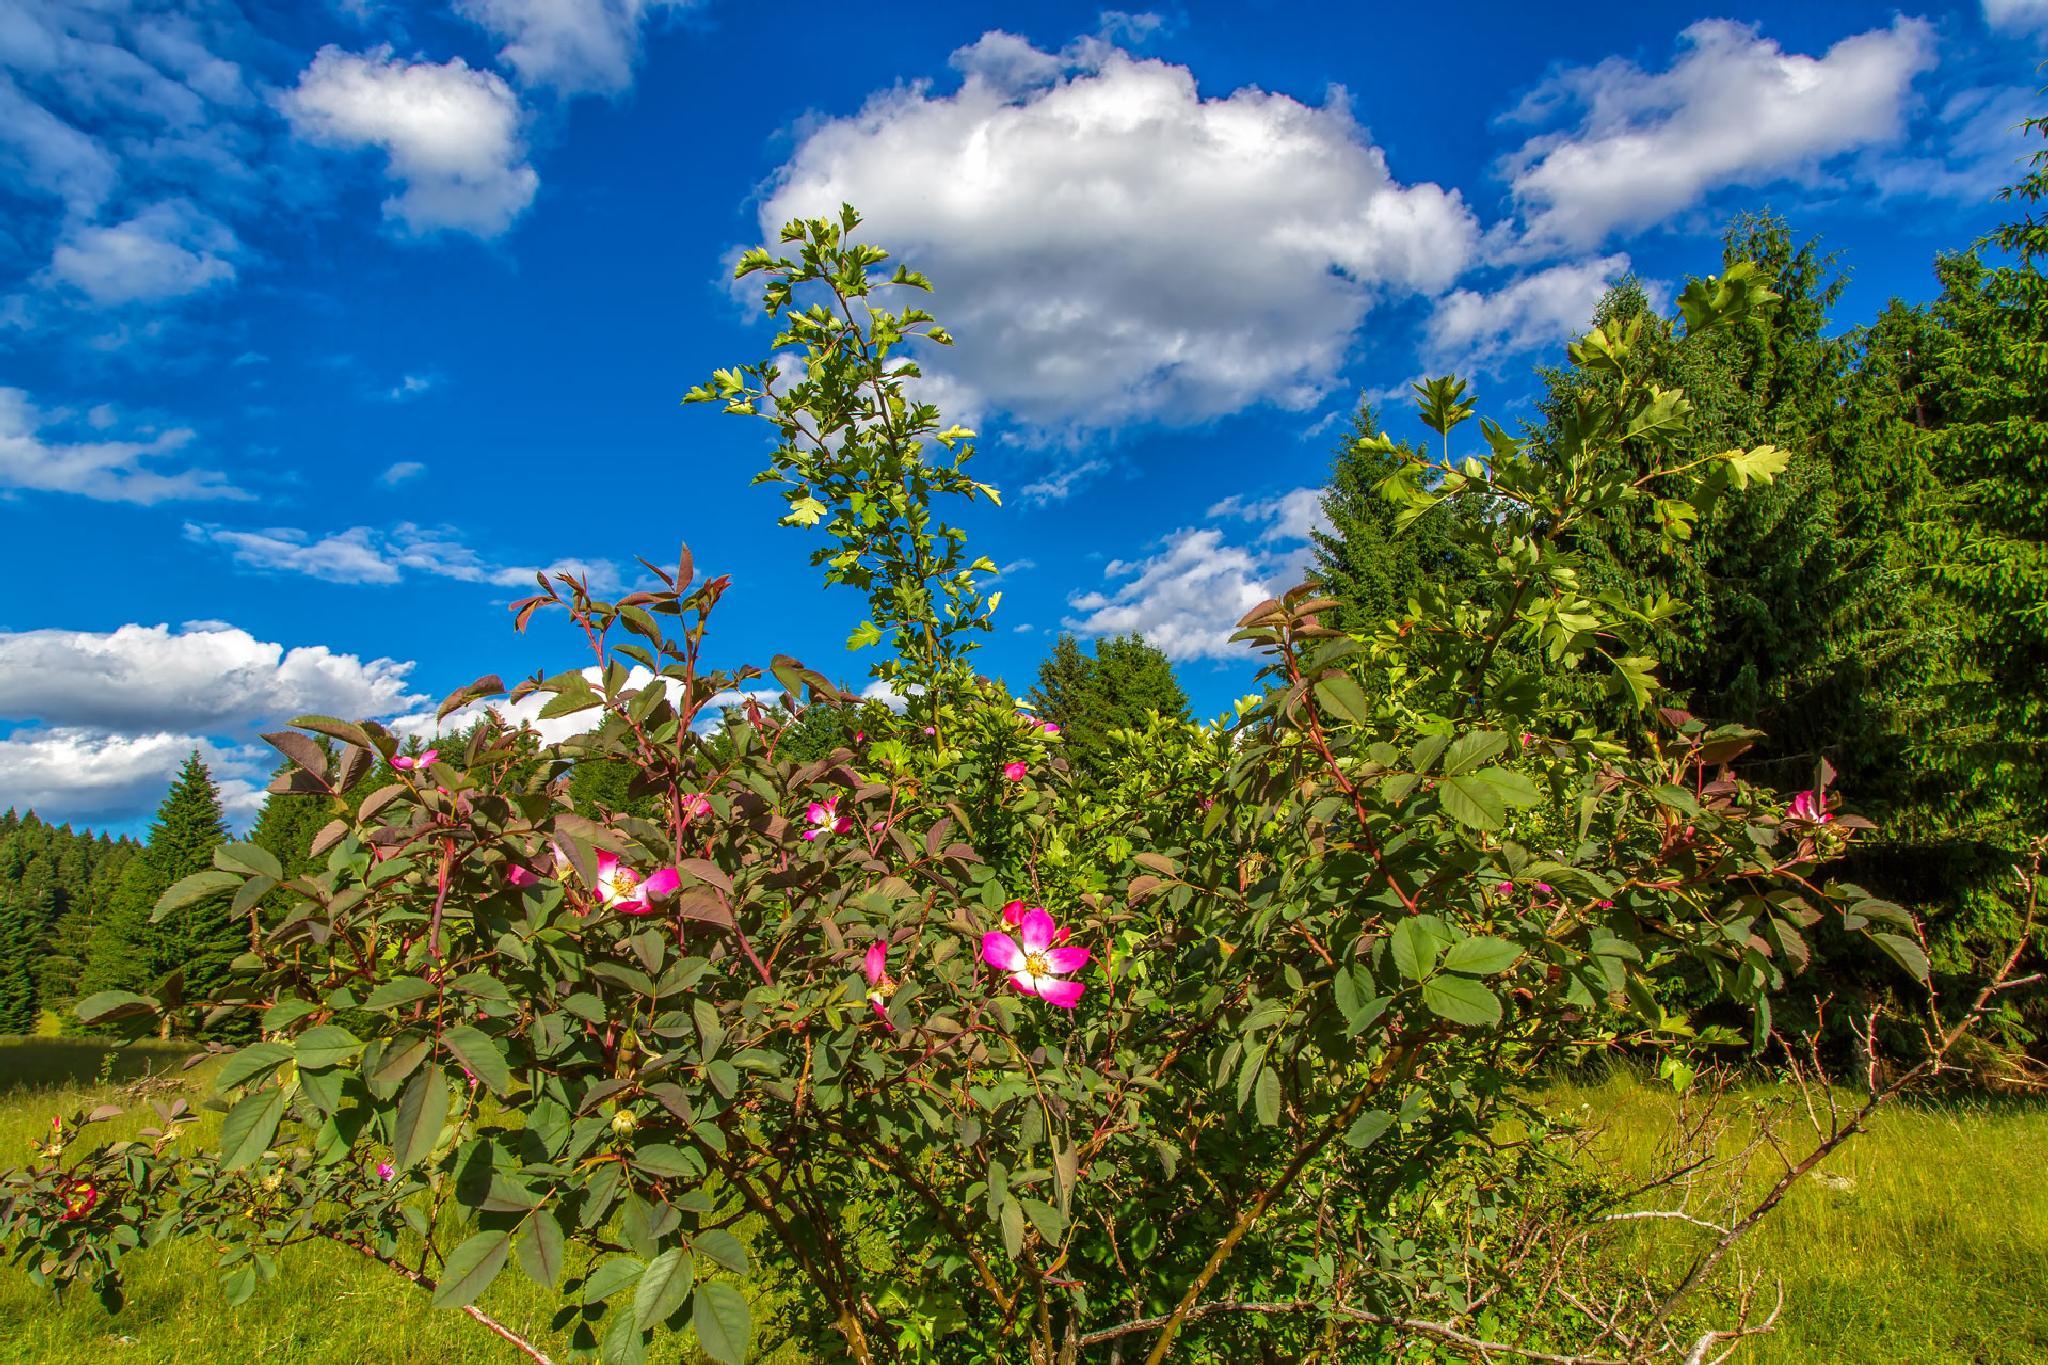 Mountain rose by stanislav.horacek2